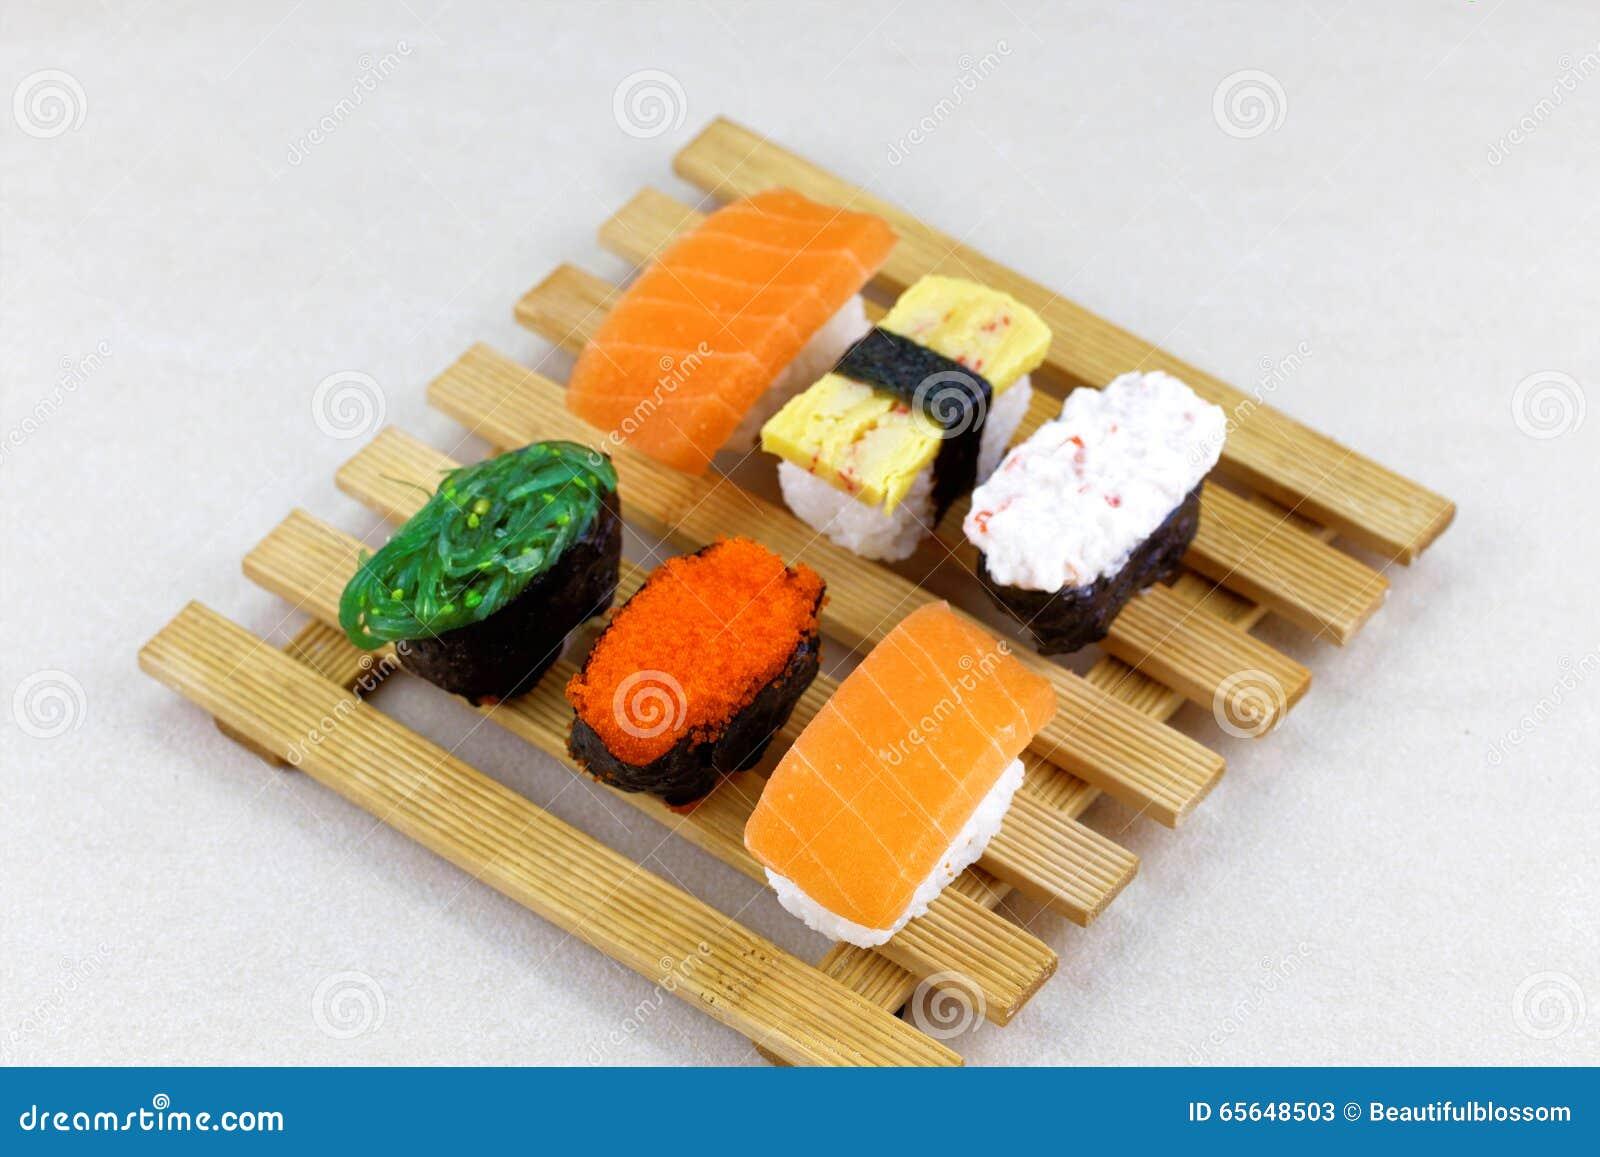 Ensemble japonais de sushi de fruits de mer